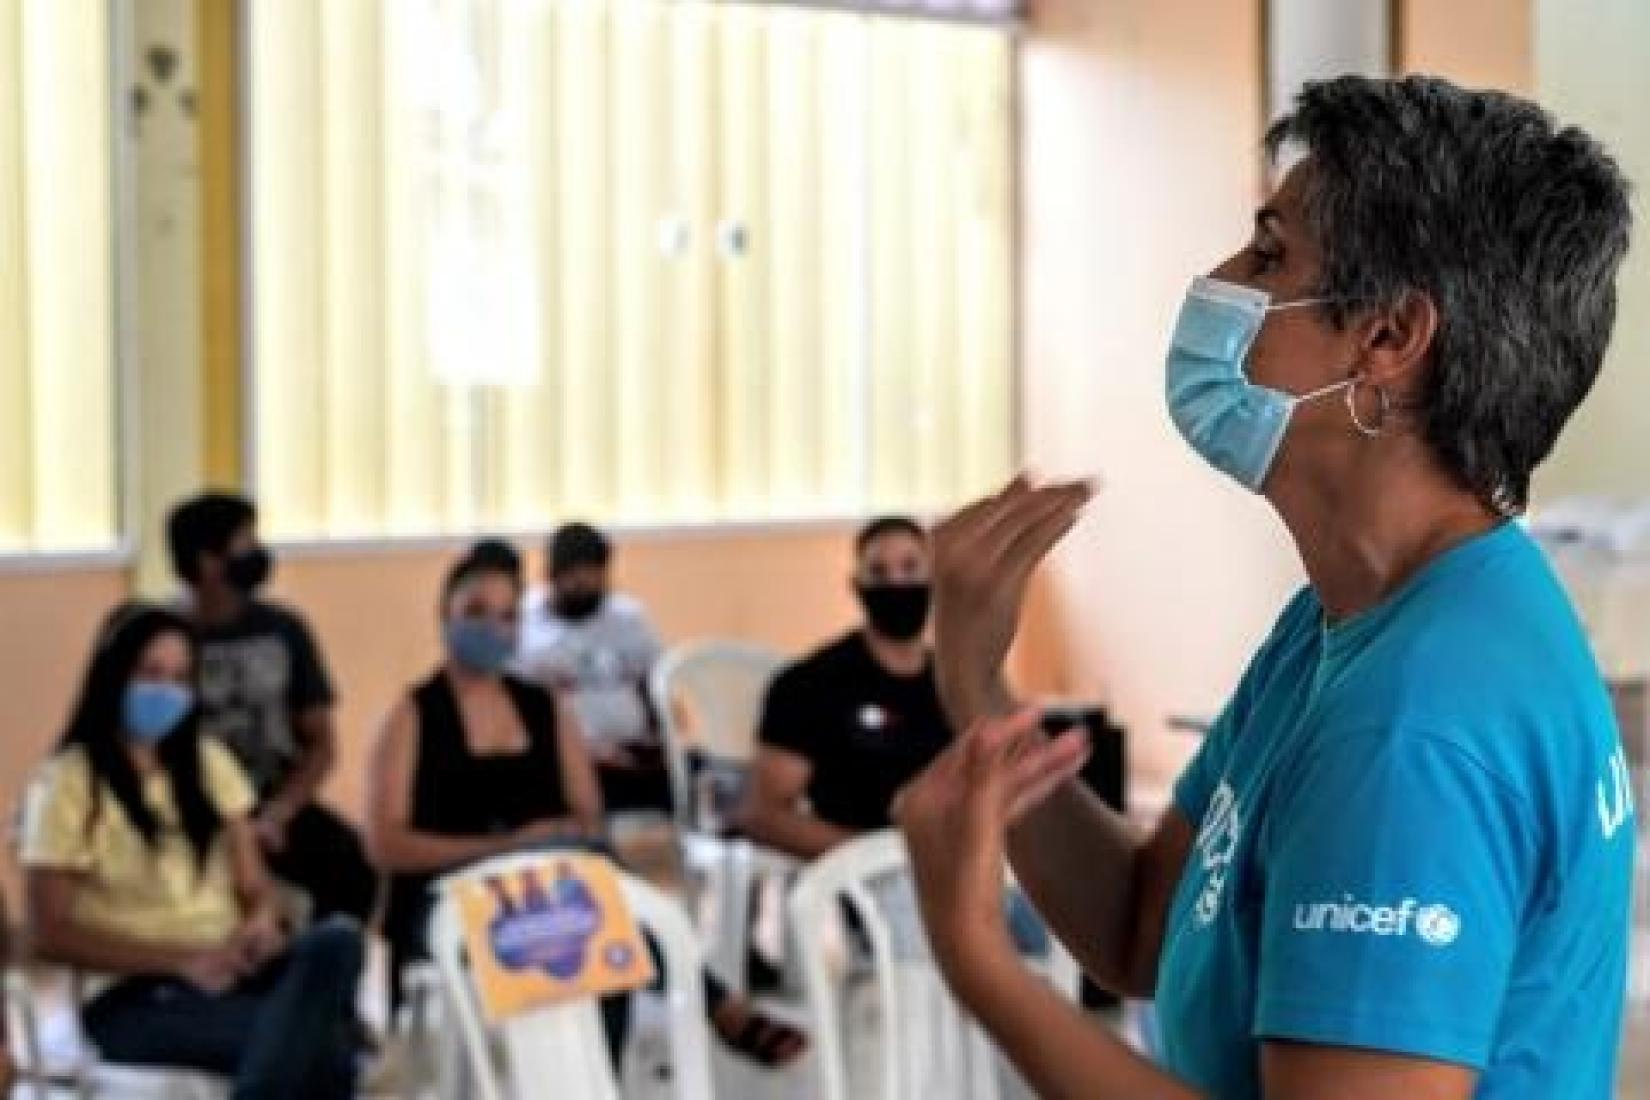 UNICEF e organizações parceiras realizam projetos que promovem o protagonismo de meninas e meninos, juntamente com apoio das lideranças locais e equipamentos públicos.